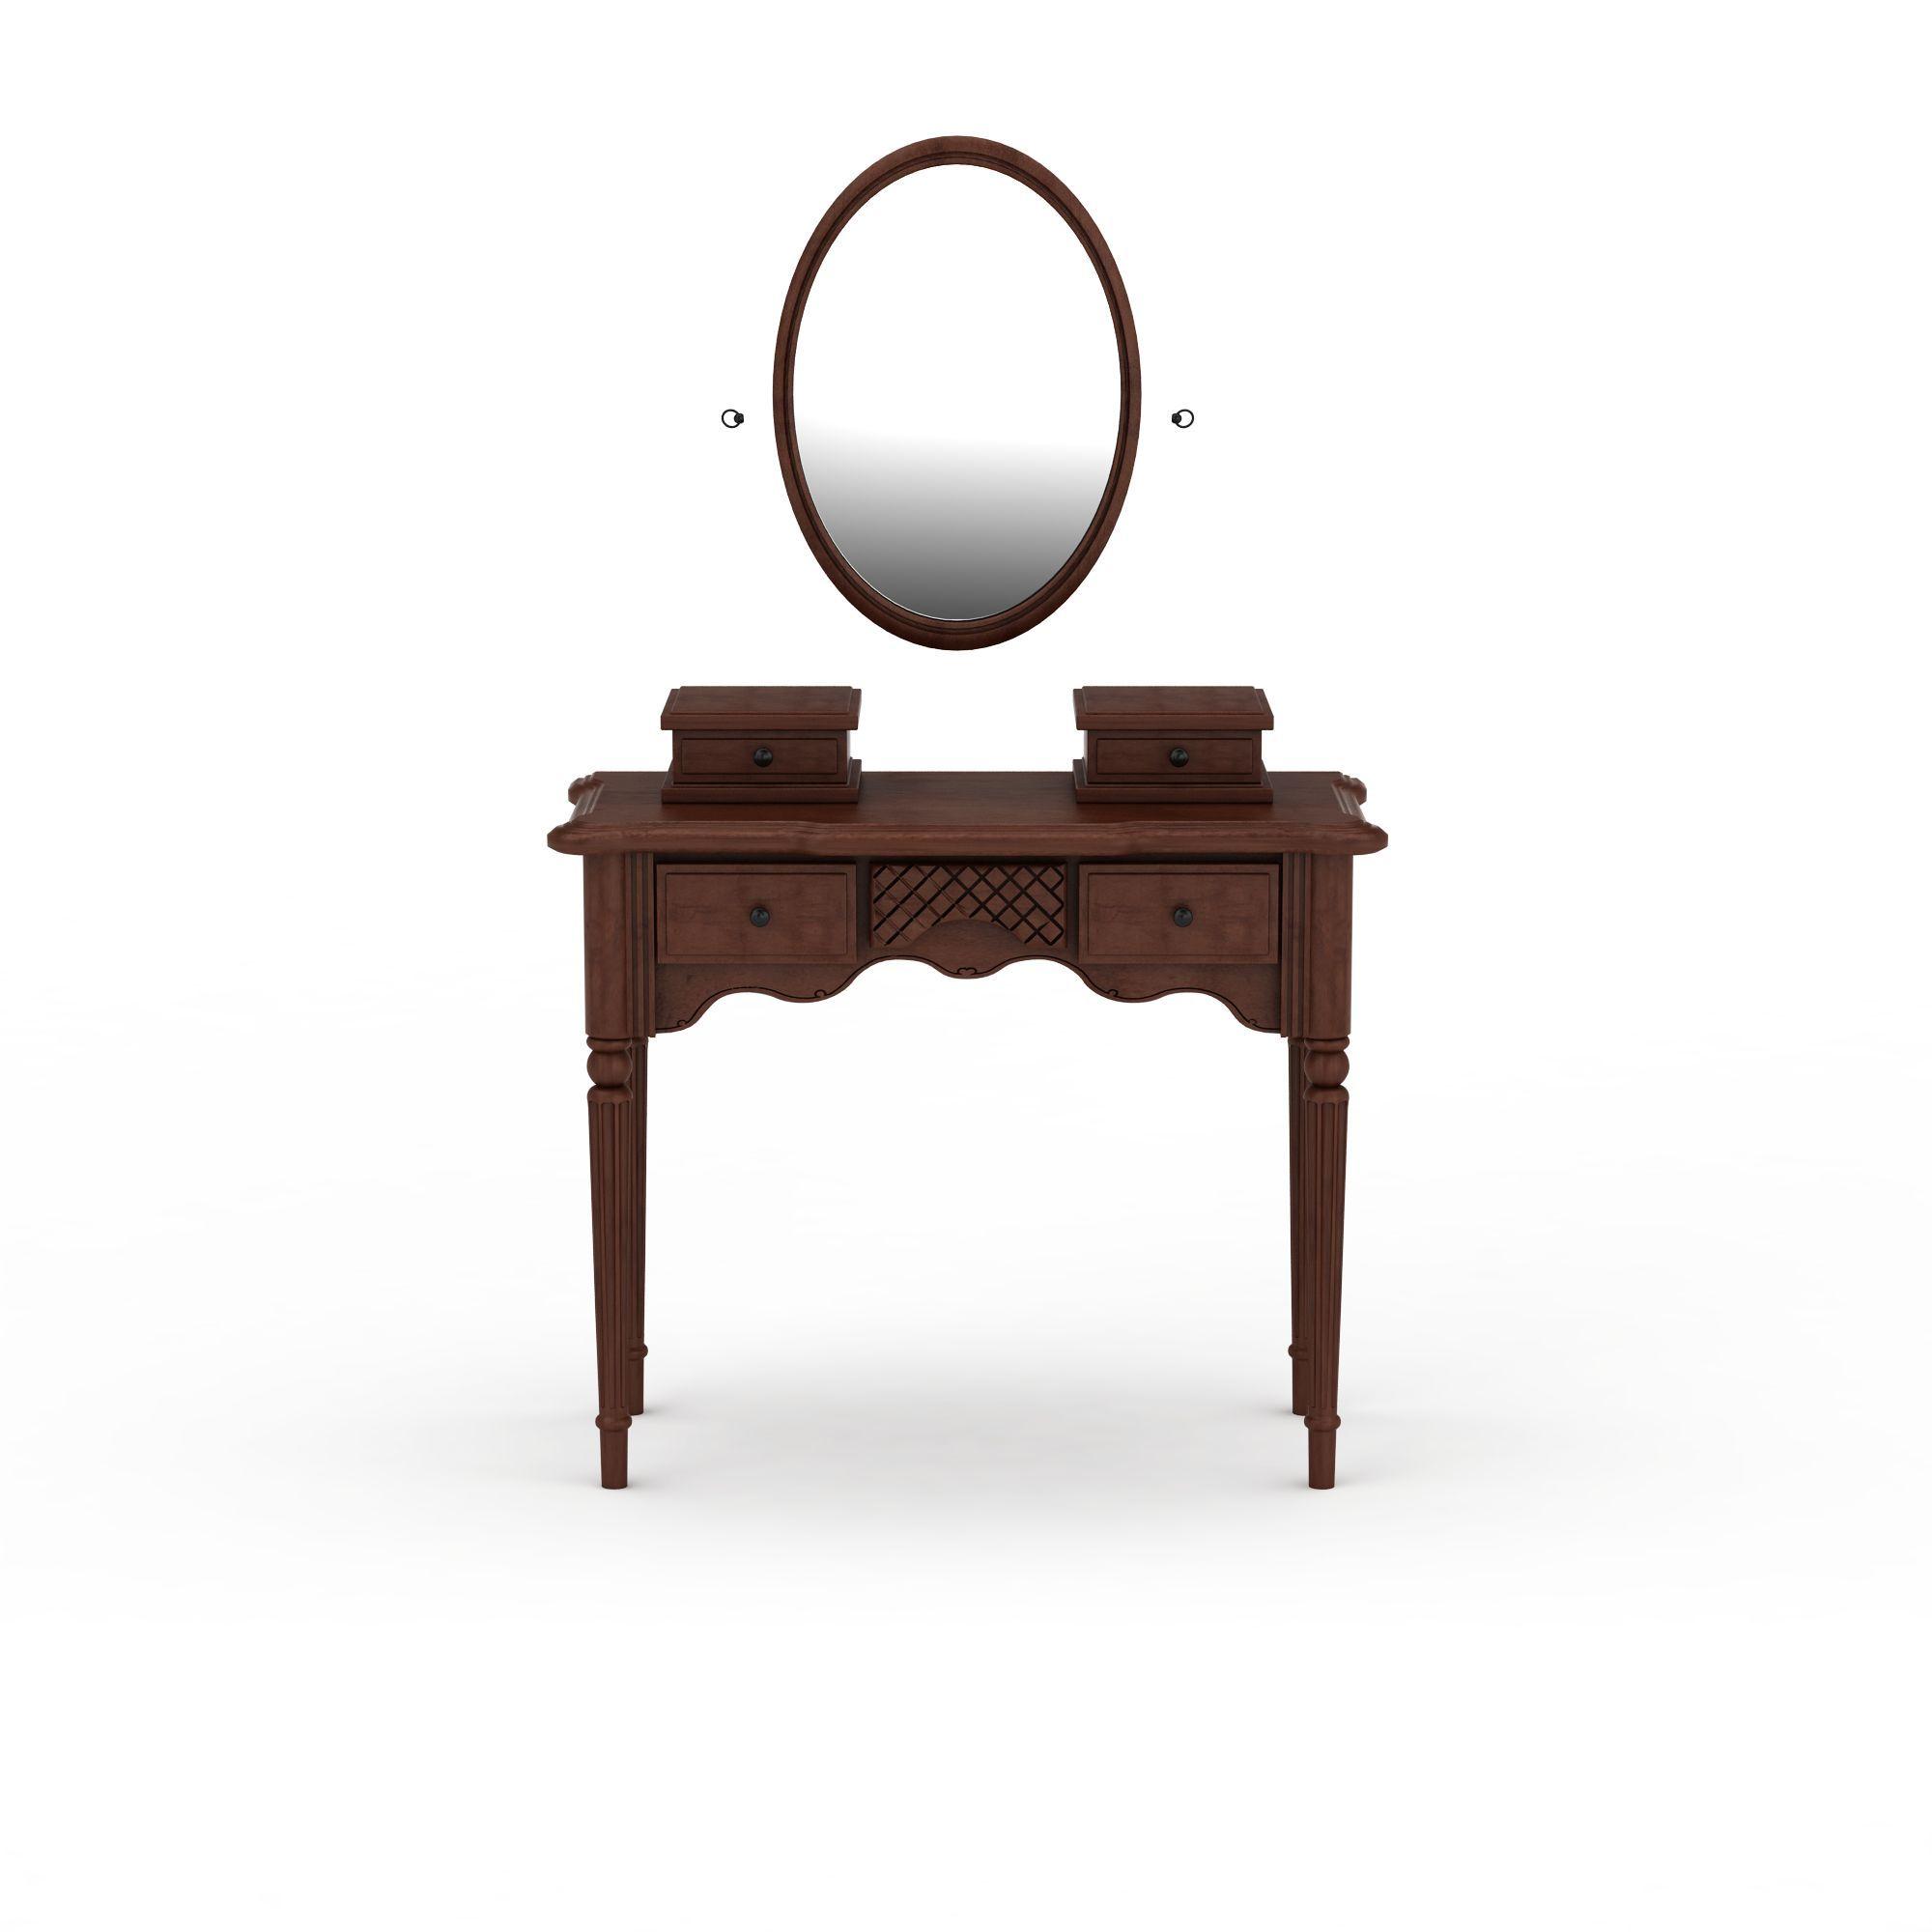 中式实木桌子图片_中式实木桌子png图片素材_中式实木图片